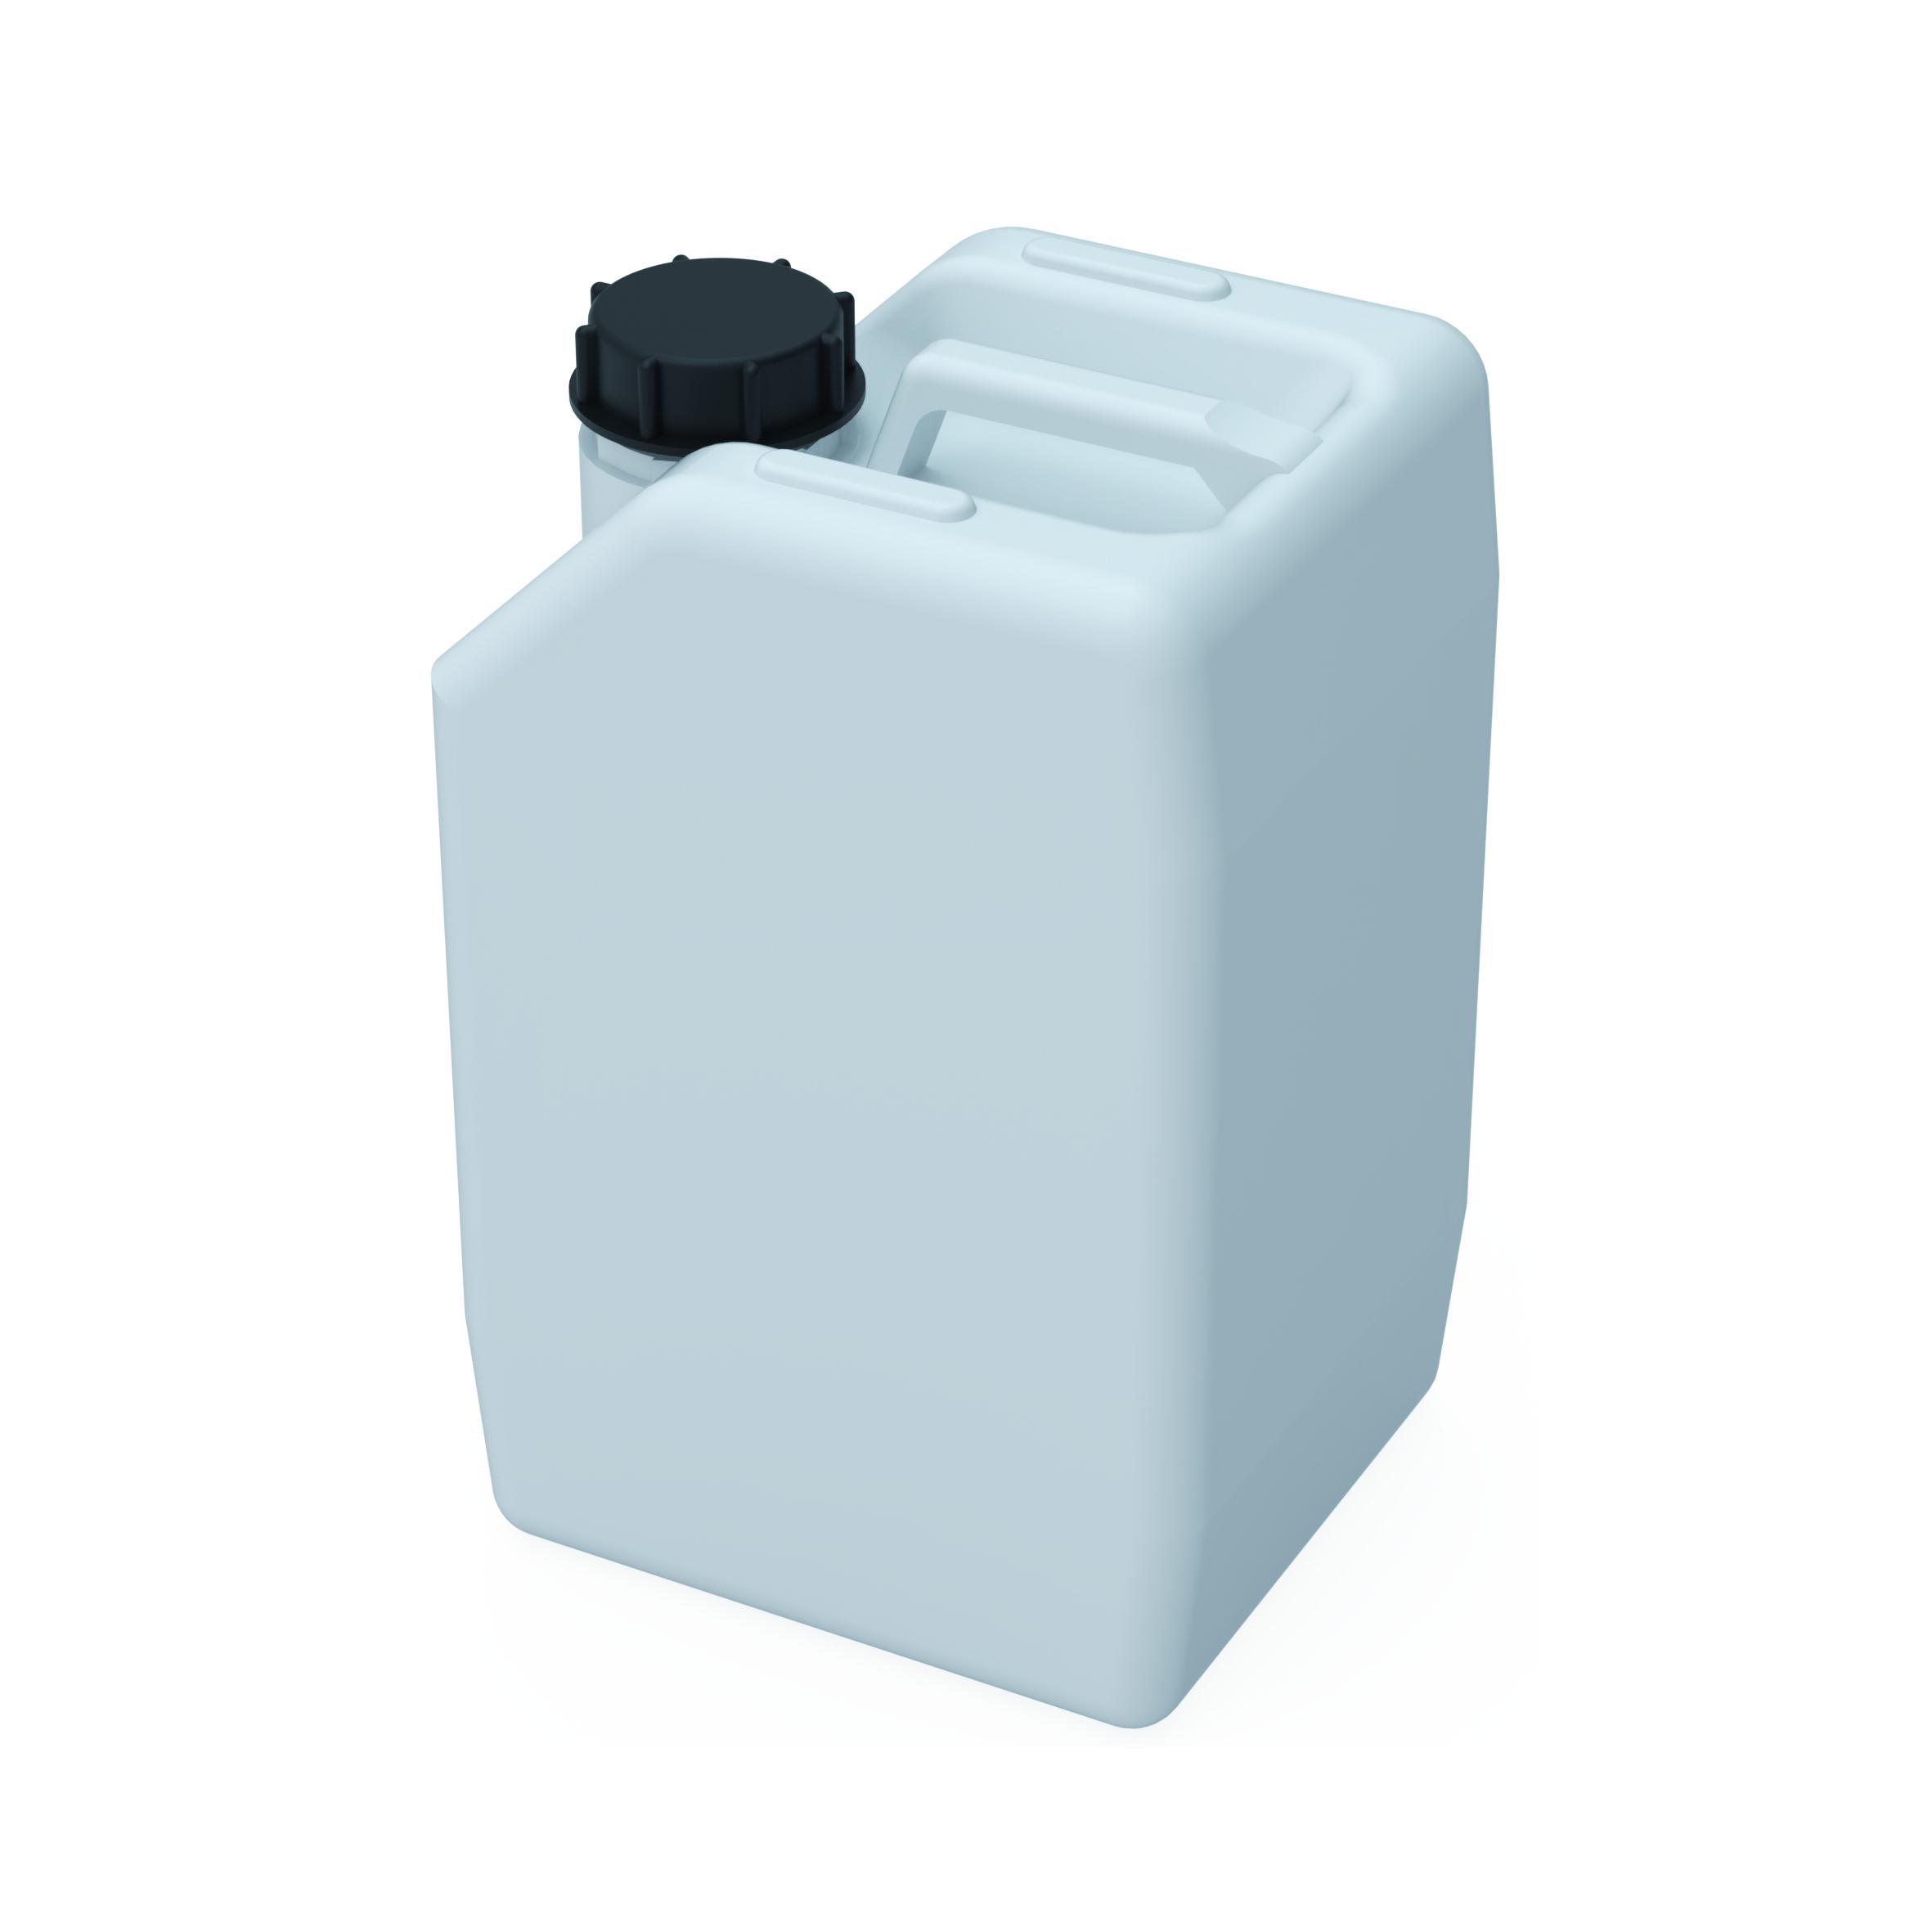 Kanister S60/61  Kanister mit Gewinde S60/61 (DIN60/61) zum Sammeln flüssiger Abfälle. Ausführung gemäß Tabell